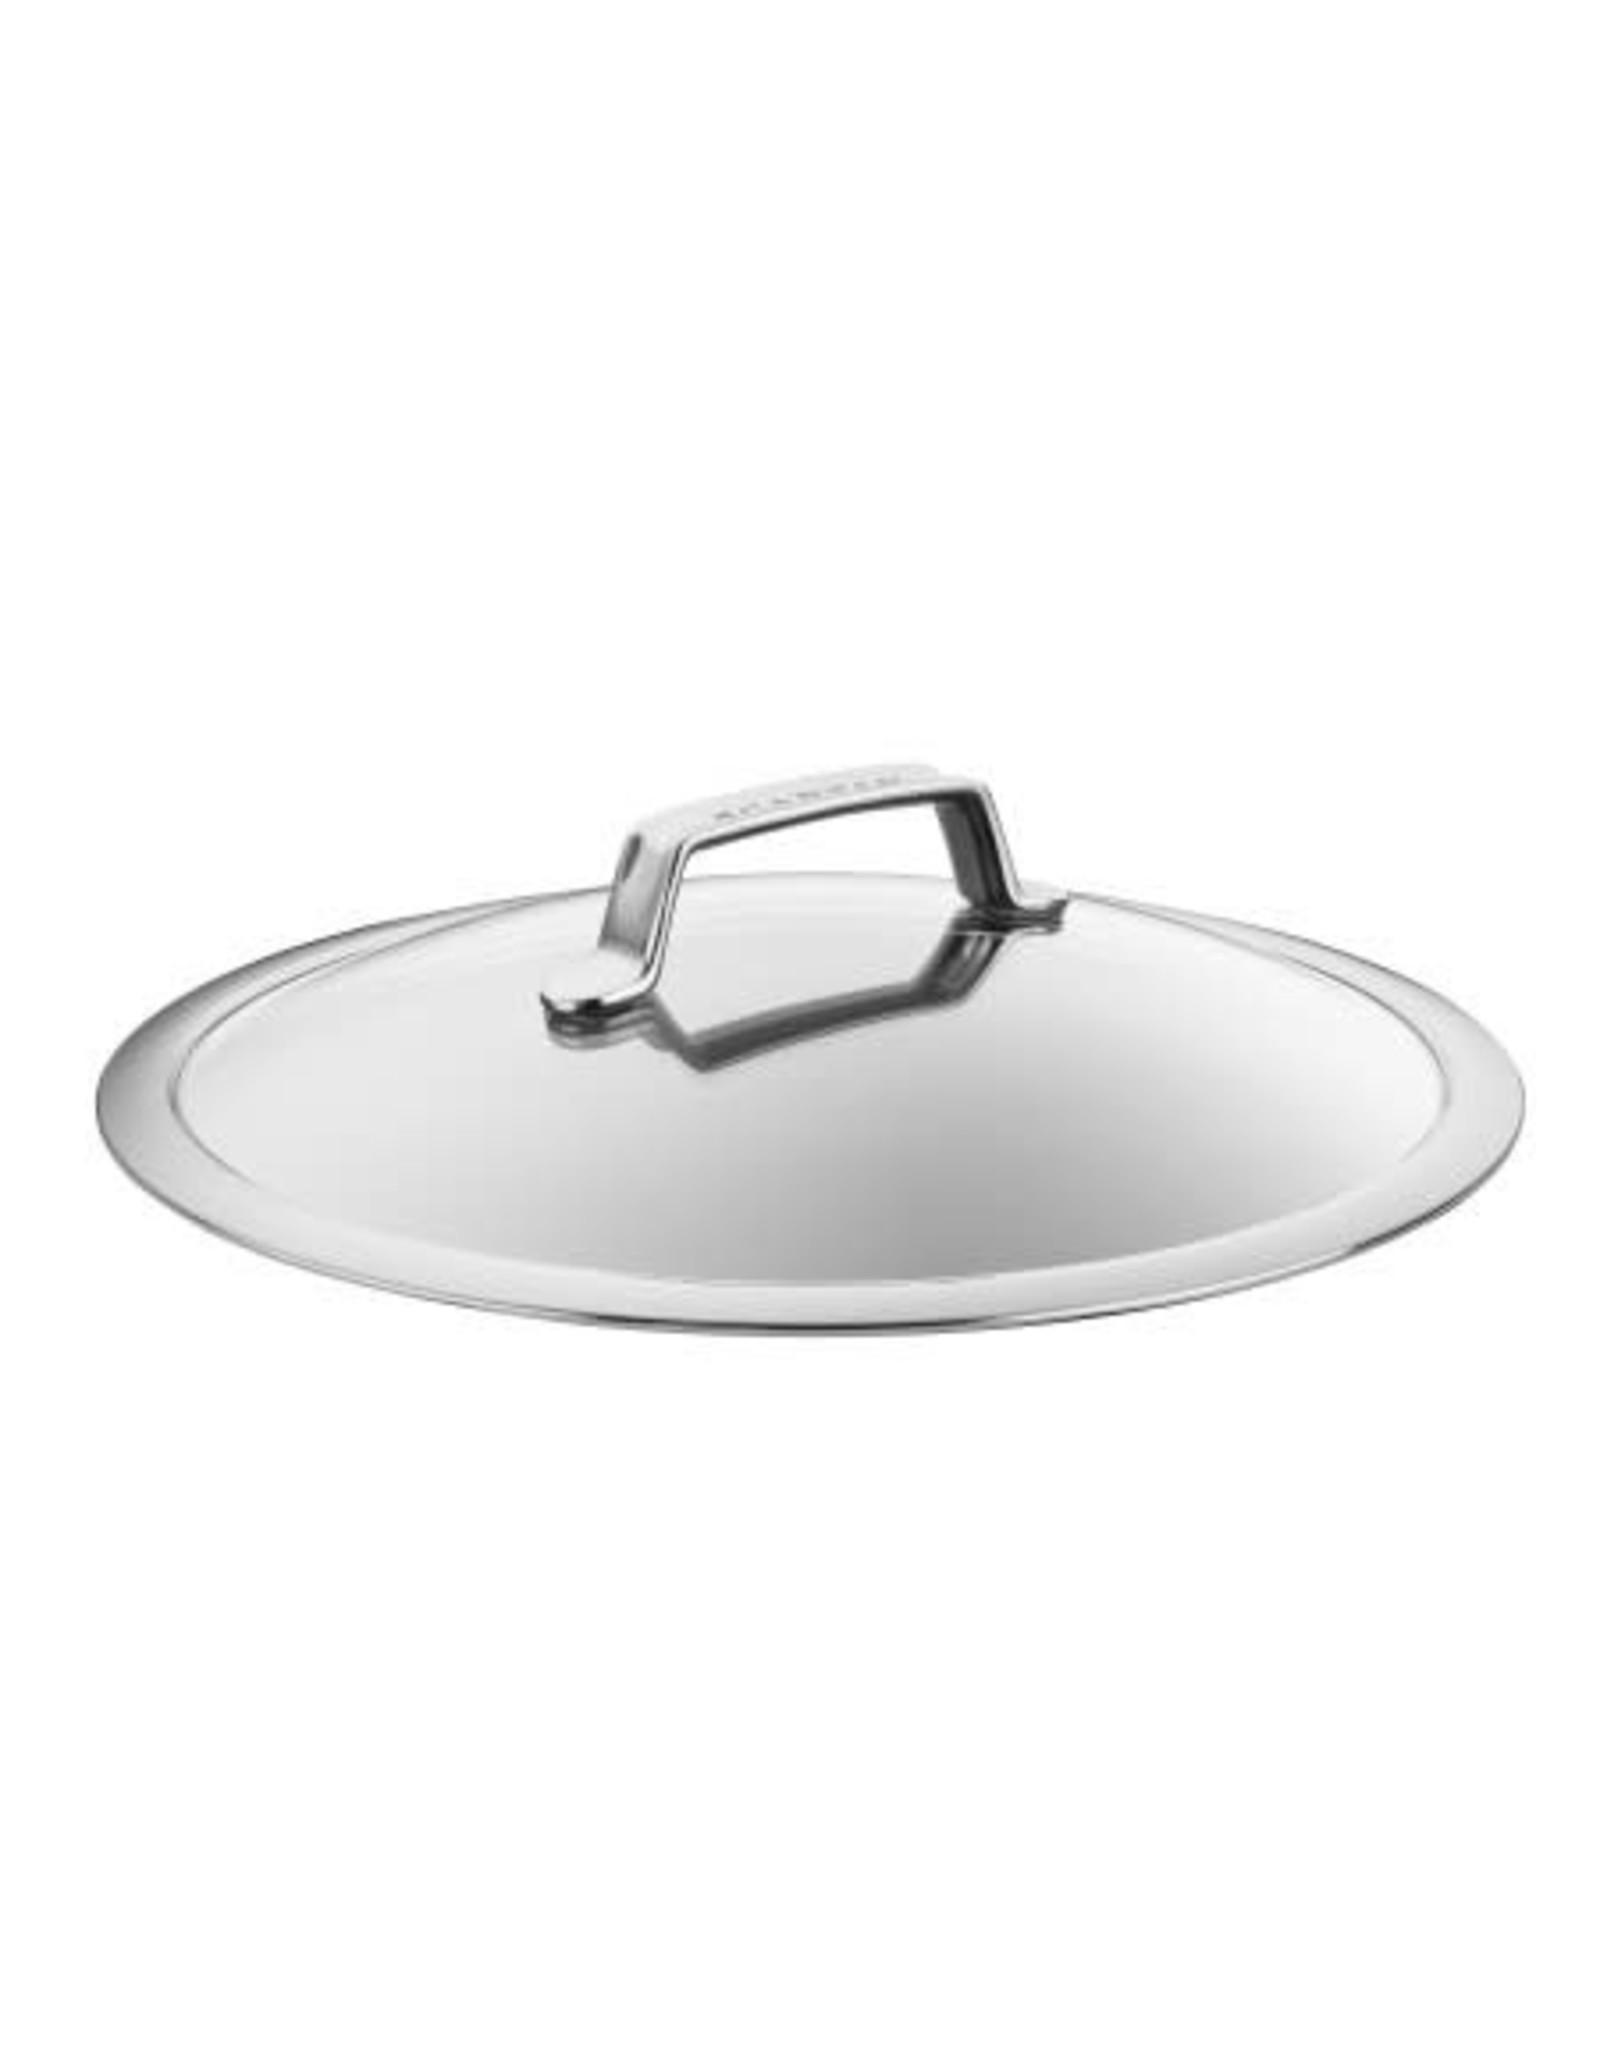 Scanpan TechnIQ deksel glas 30cm